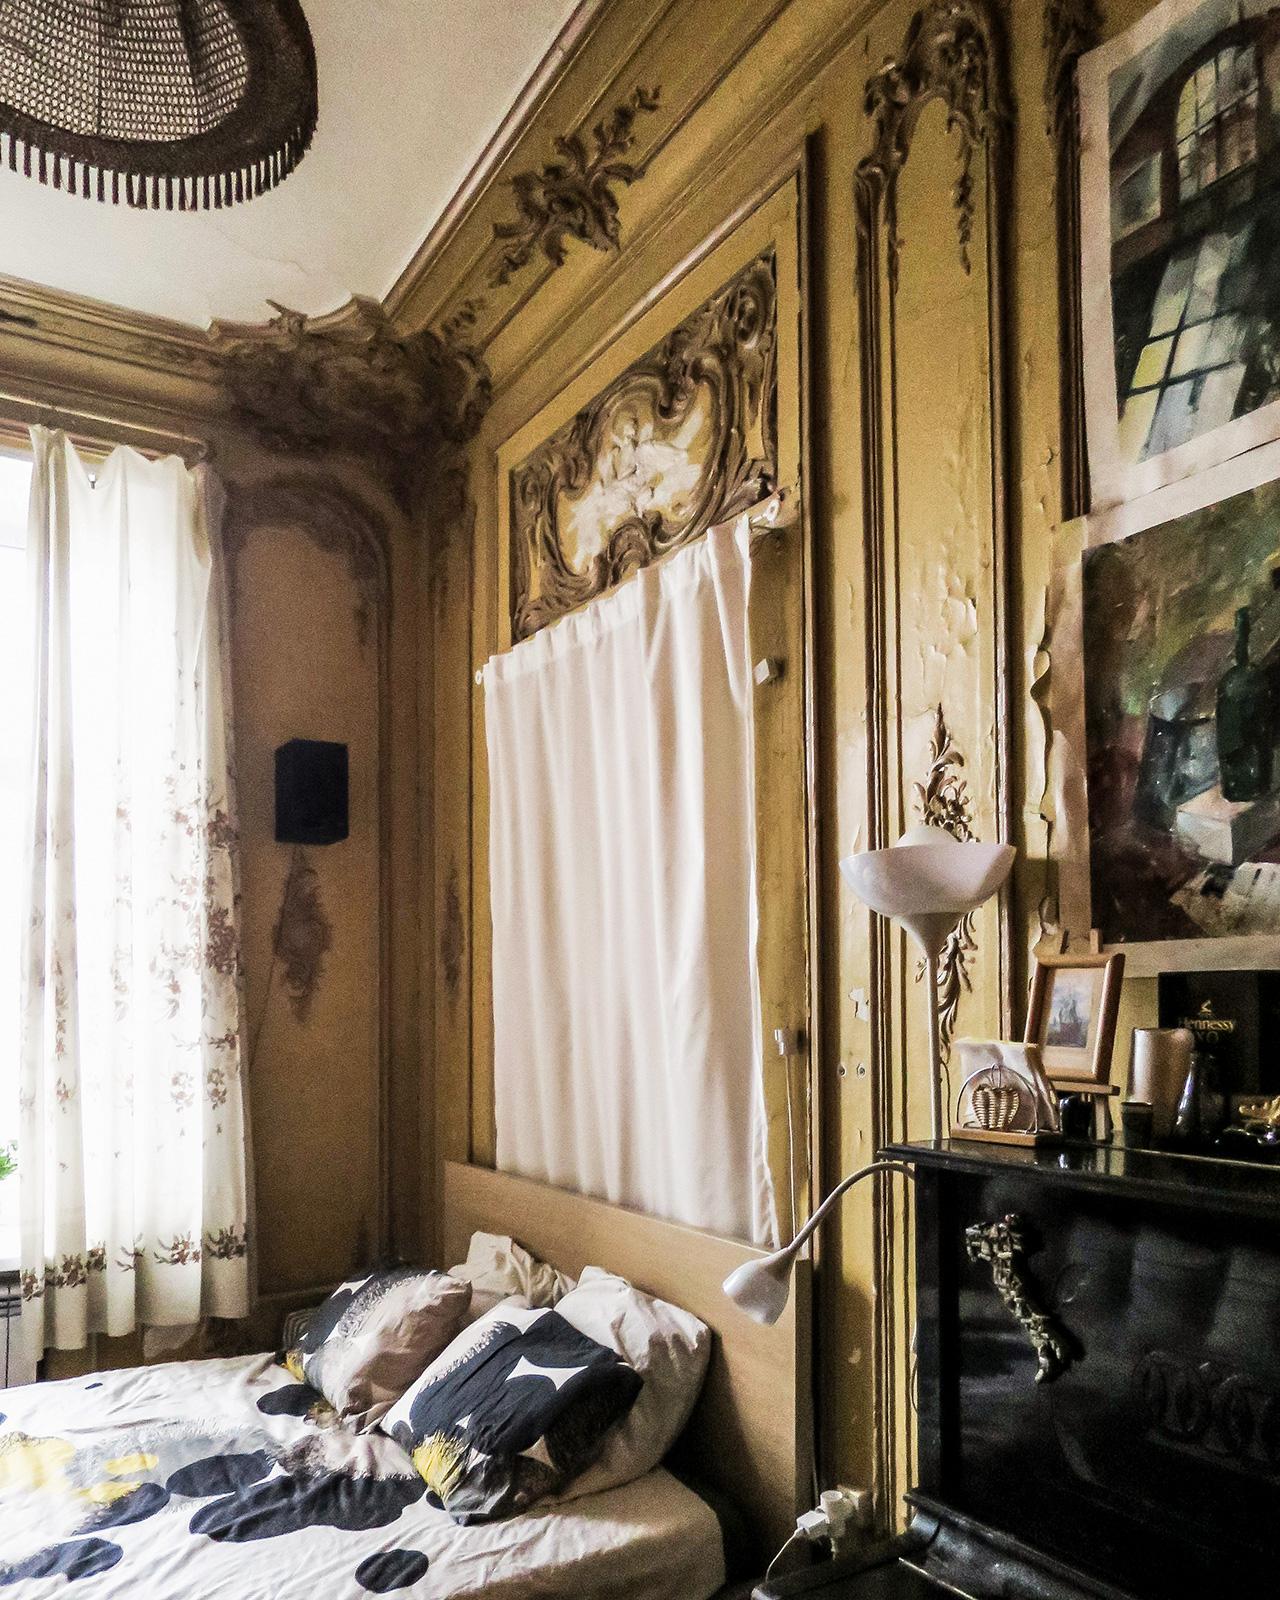 След революцията през 1917 г. болшевиките вземат апартаментите на богатите и ги превръщат в комуналки: те ги разделят на отделни стаи и така в тях могат да живеят възможно най-много хора. Стените постоянно се местят, така че днес често може да се види дърворезба на тавана на обикновен килер.